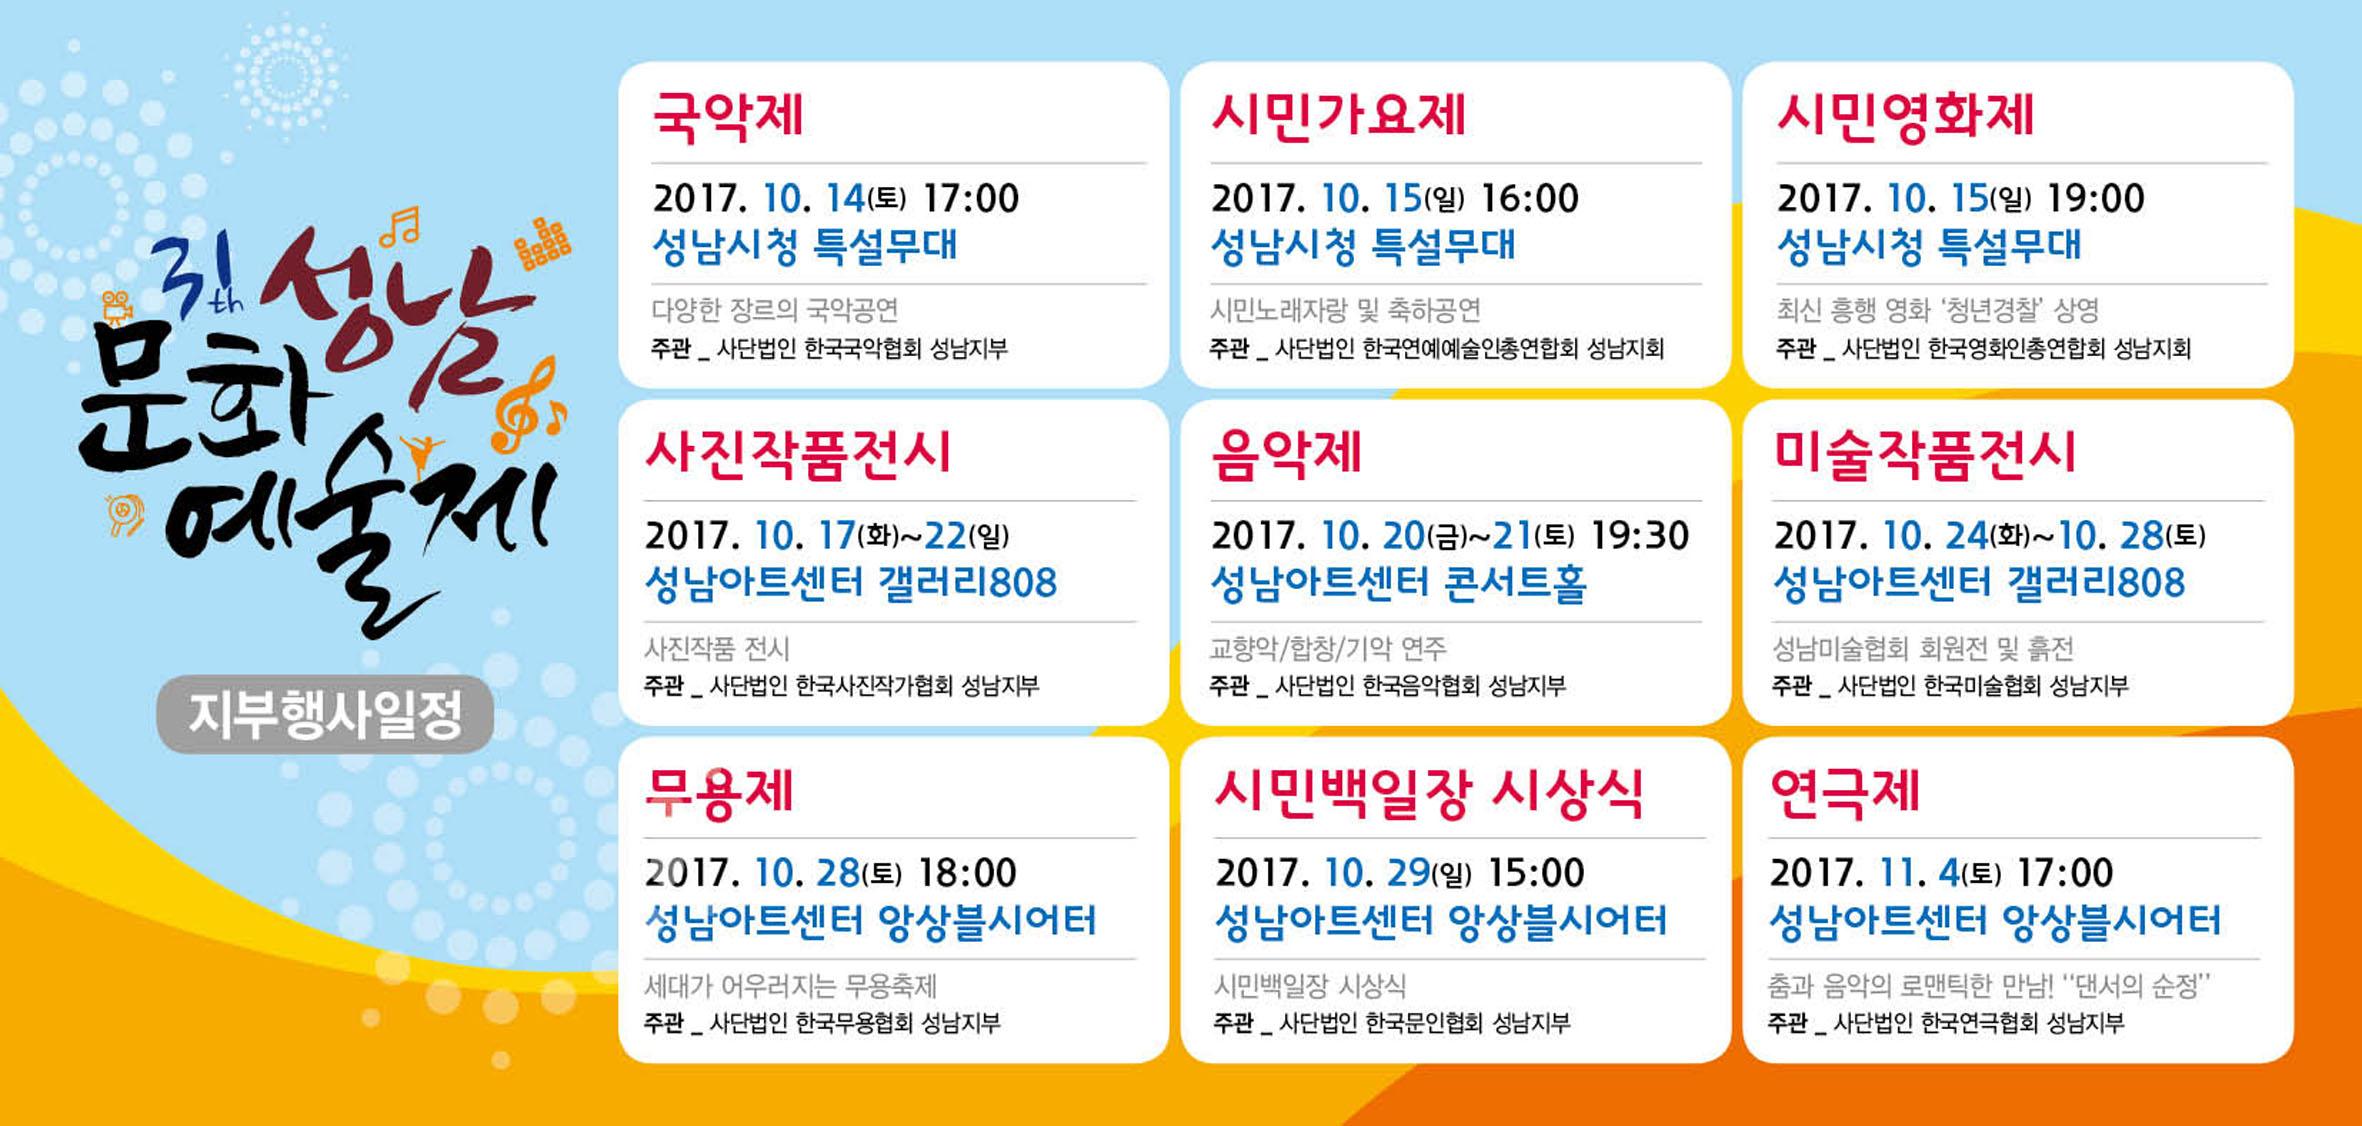 성남문화예술제 11월 4일까지 열려